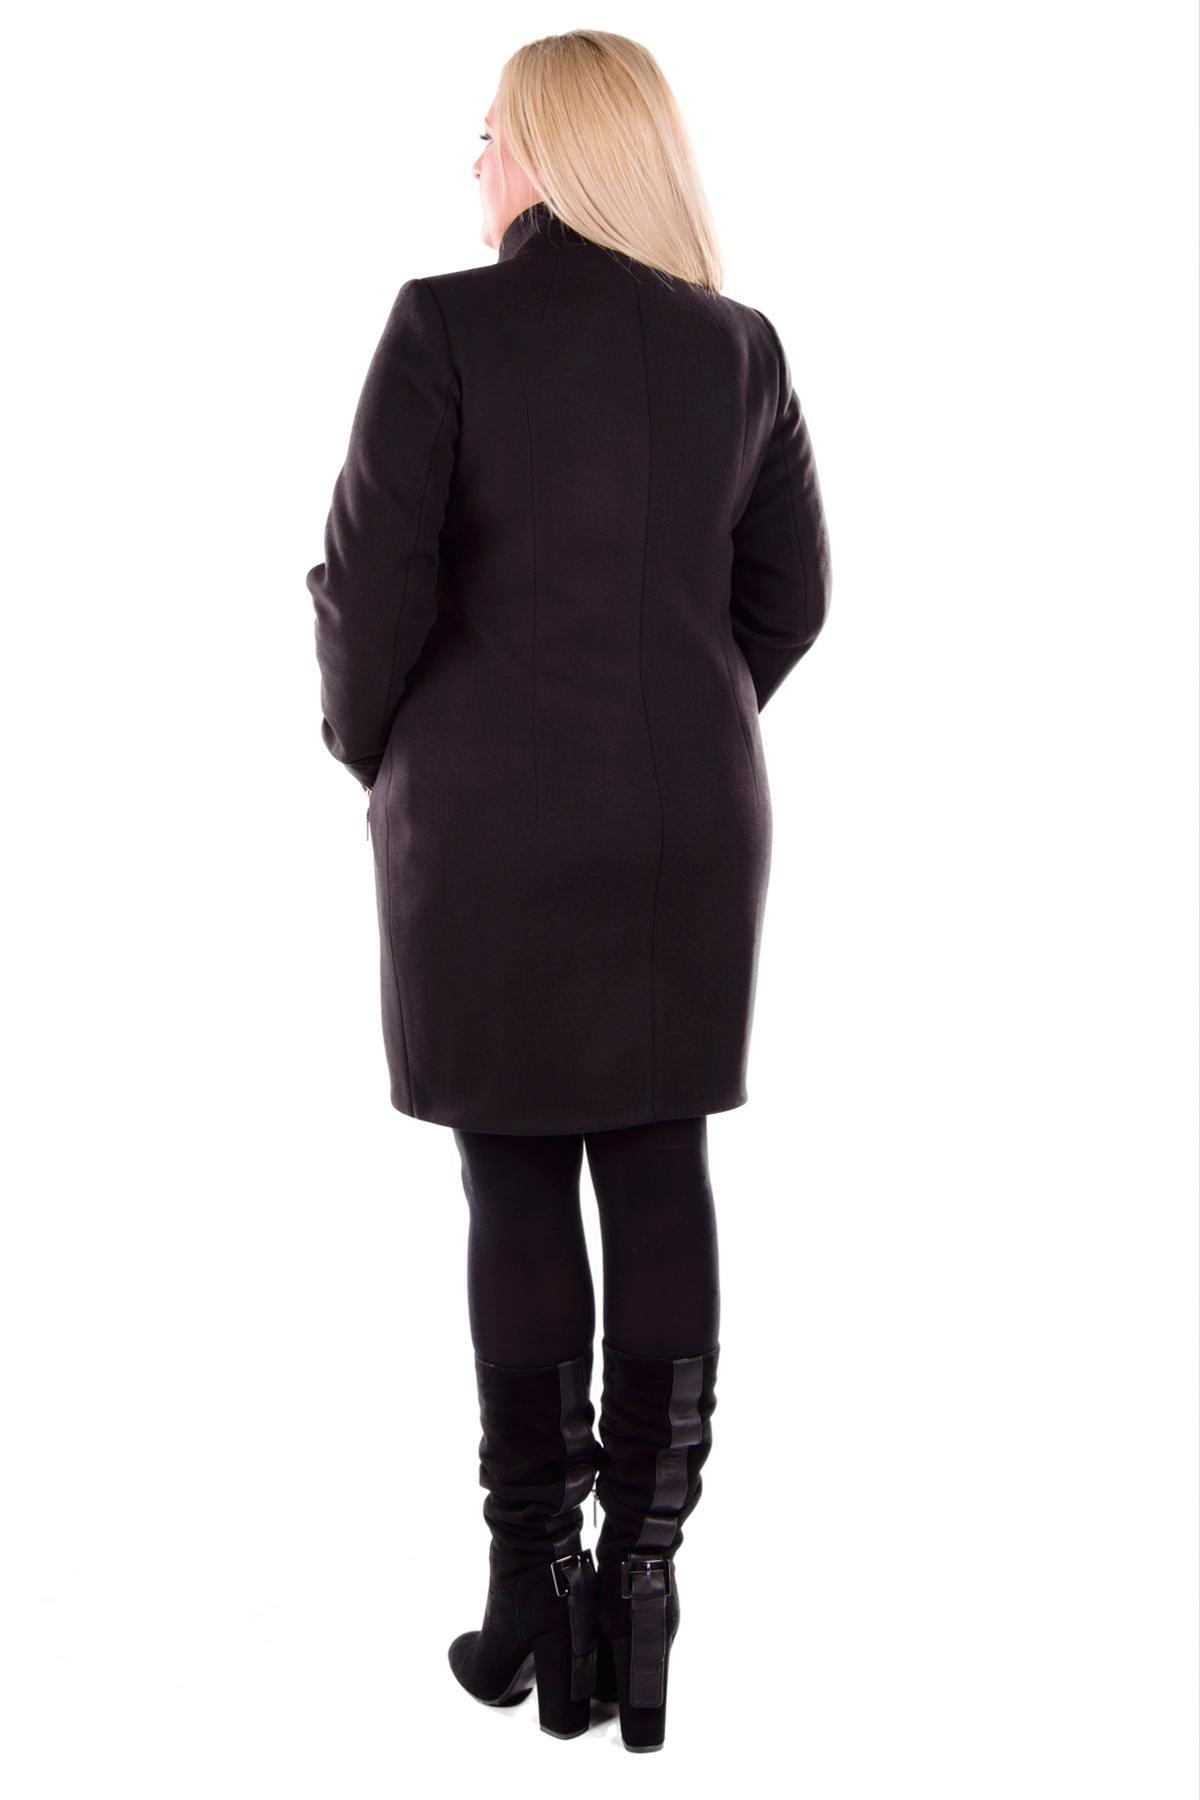 Пальто Donna зима Эльпассо 4516 Цвет: Черный